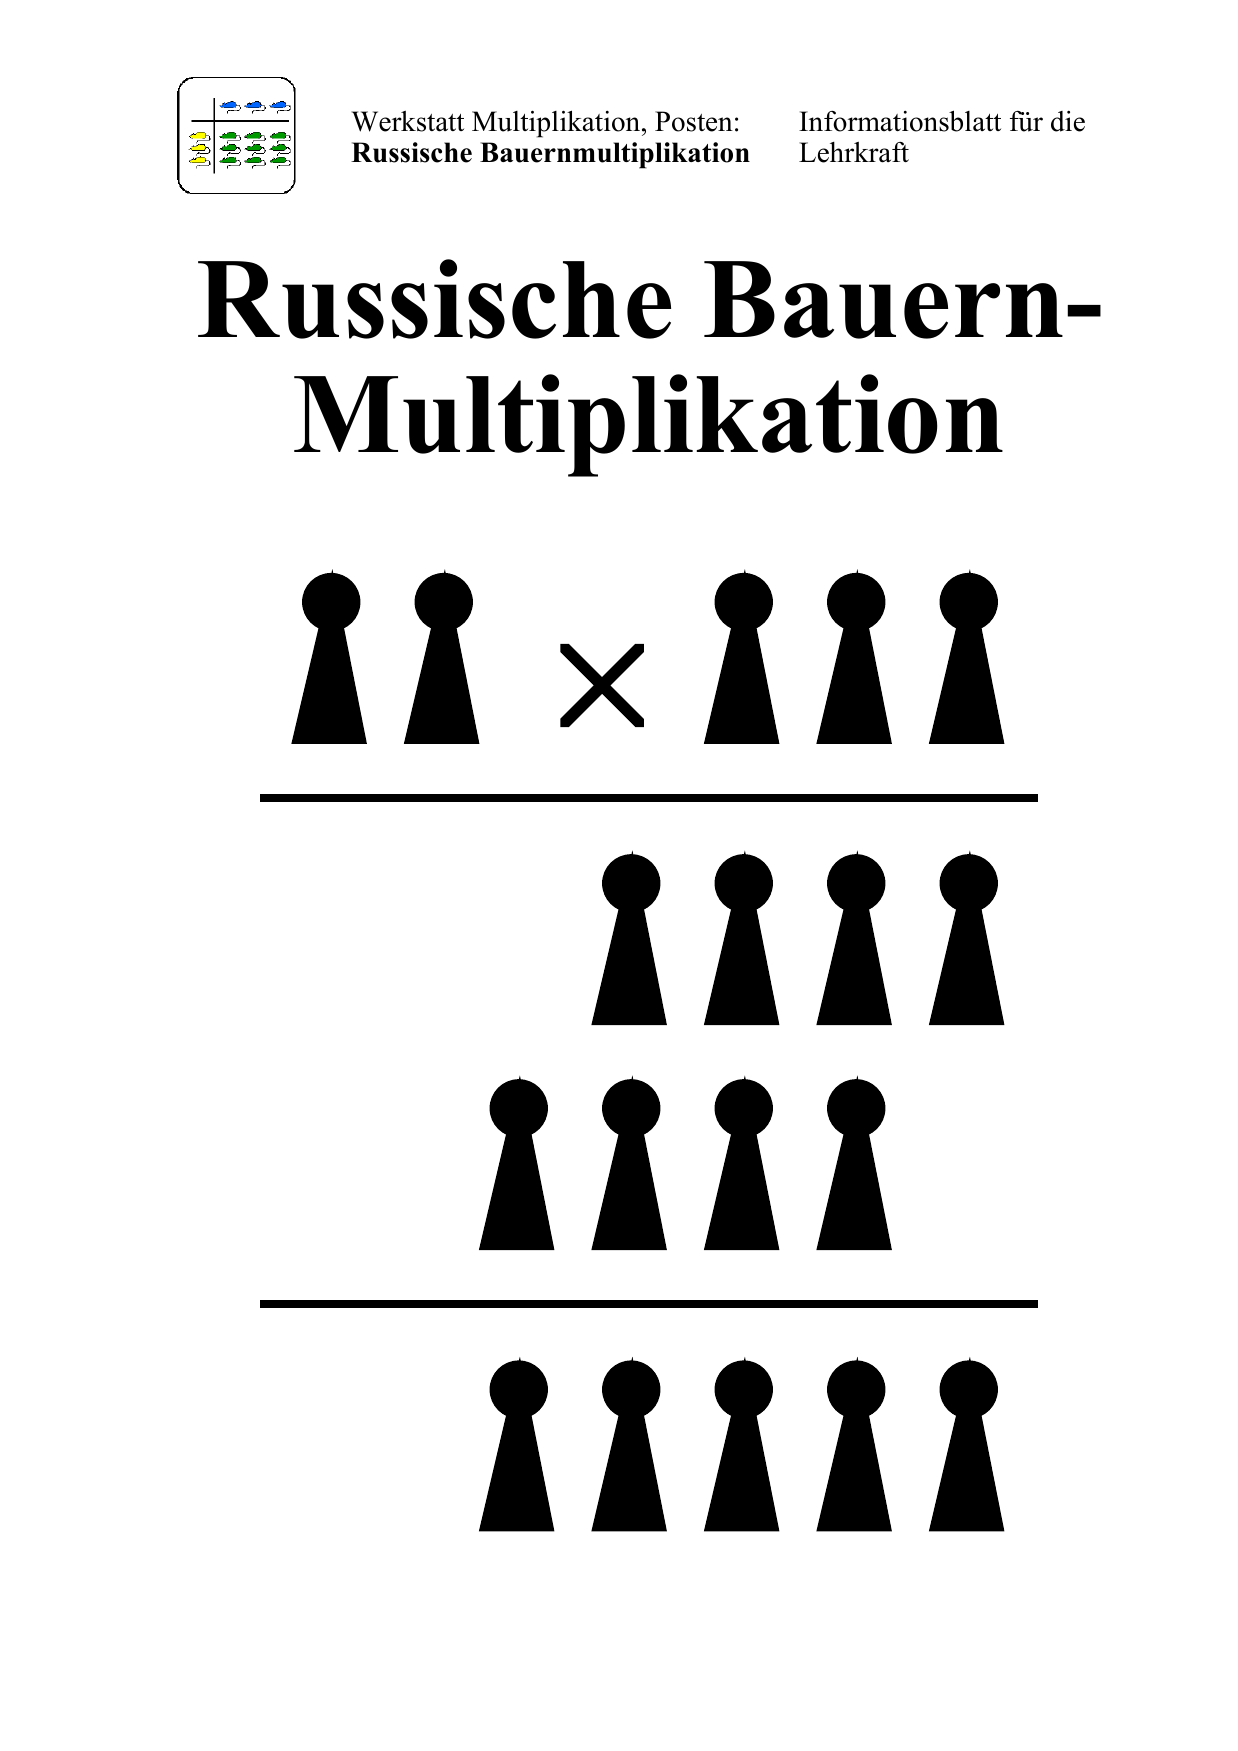 Groß 1 Minute Multiplikation Test Zeitgenössisch - Übungen Mathe ...